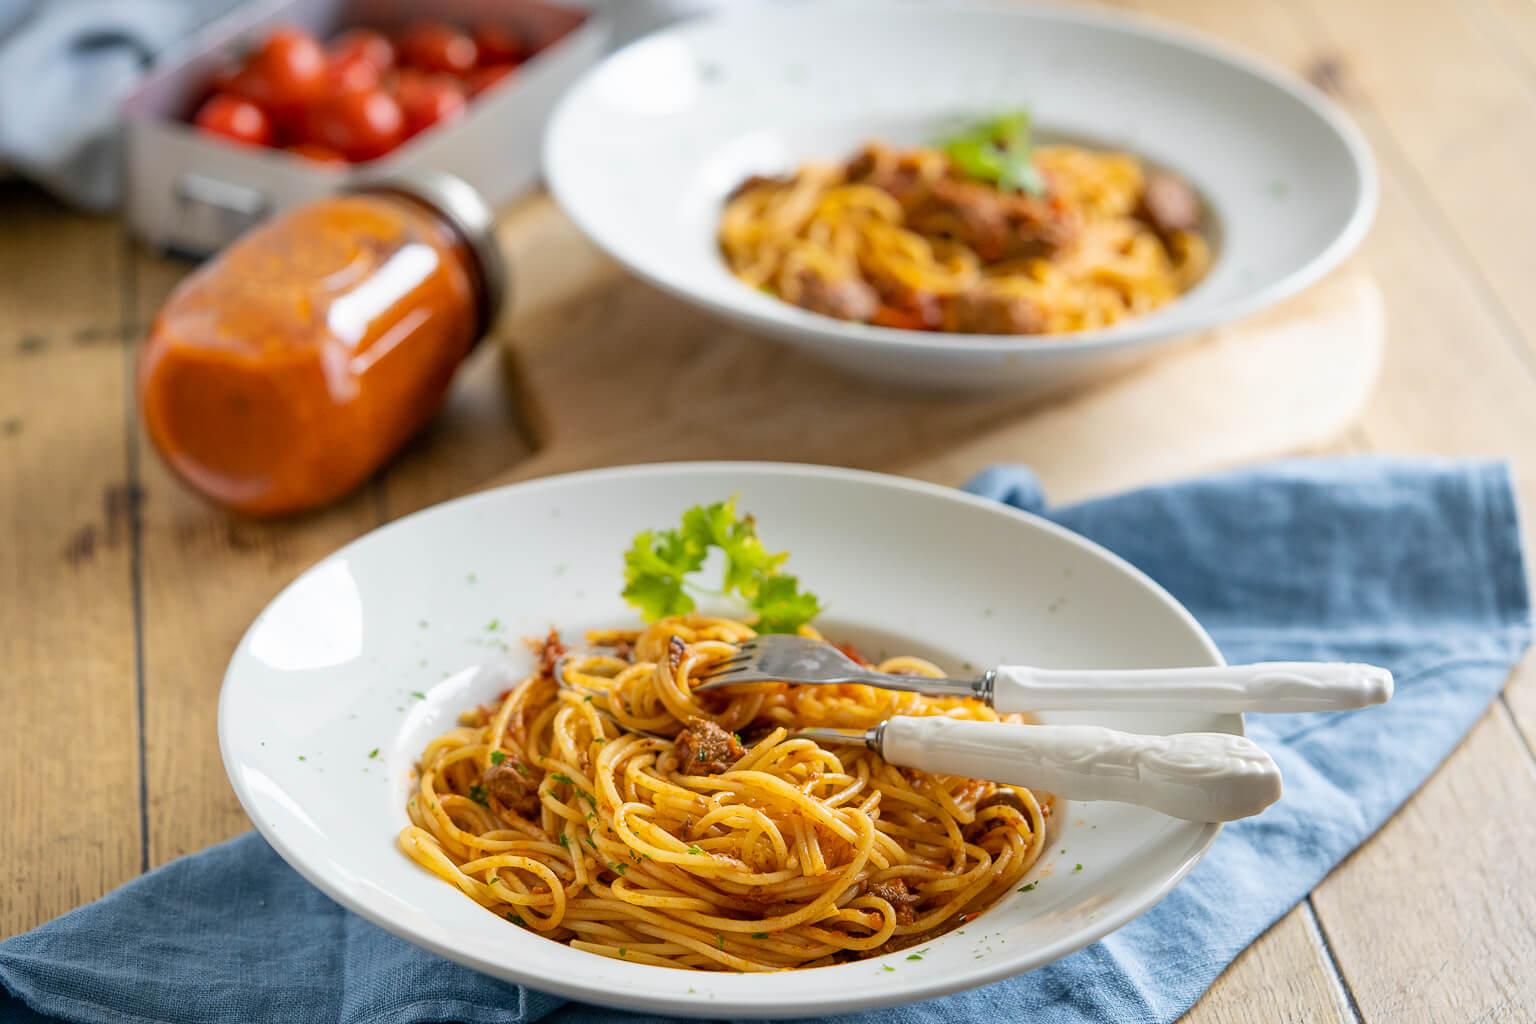 Super leckere Pasta mit Tomatensauce und Rindfleisch - ohne unnötige Gewürze. Besonders einfach und lecker aus dem Slowcooker.